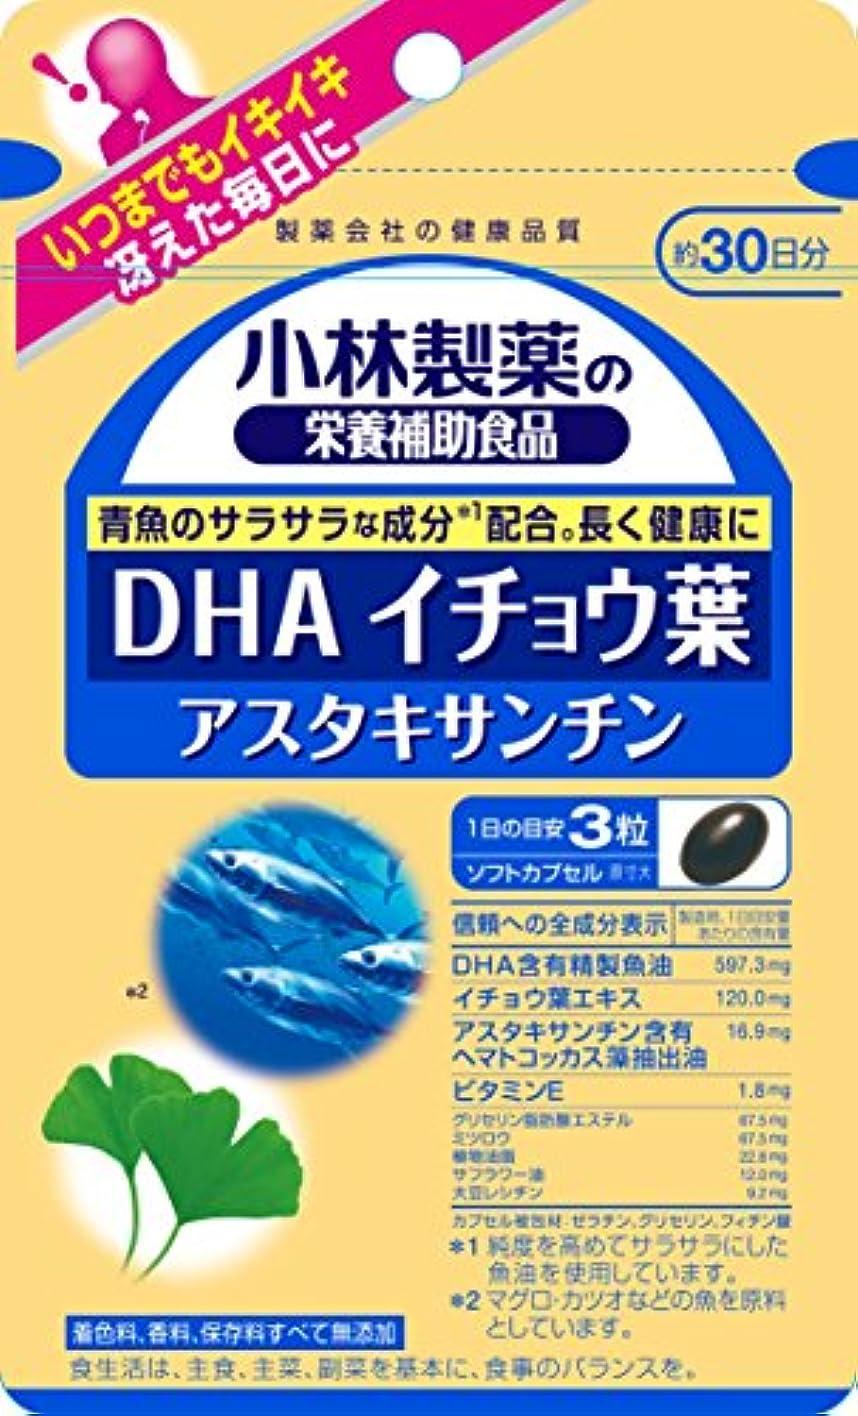 複雑な格納十分な小林製薬の栄養補助食品 DHA イチョウ葉 アスタキサンチン 約30日分 90粒